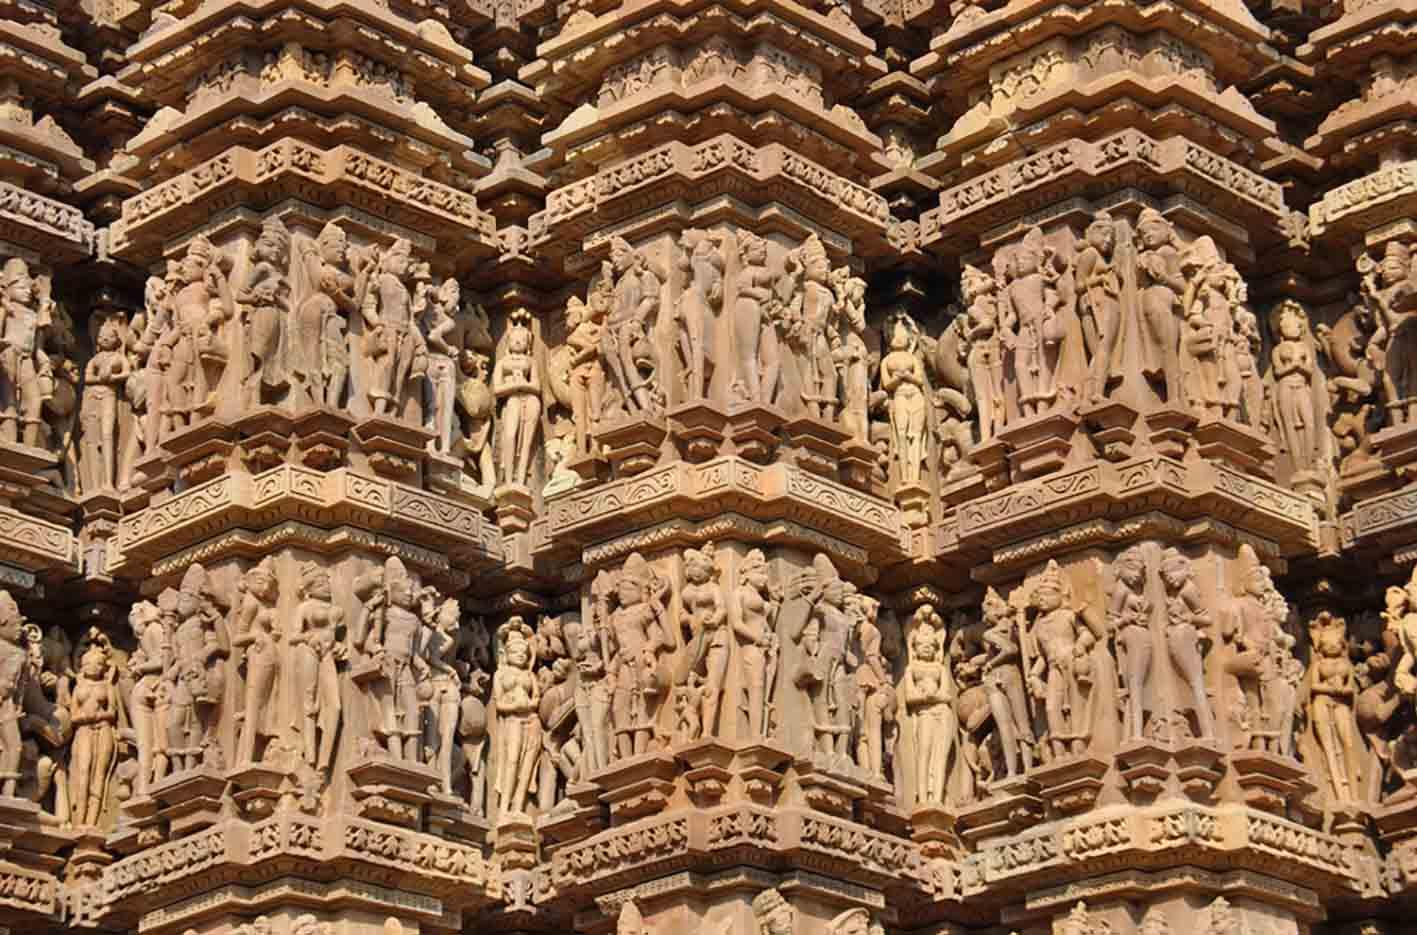 Храмы Кхаджурахо, Khajuraho Temples - 17